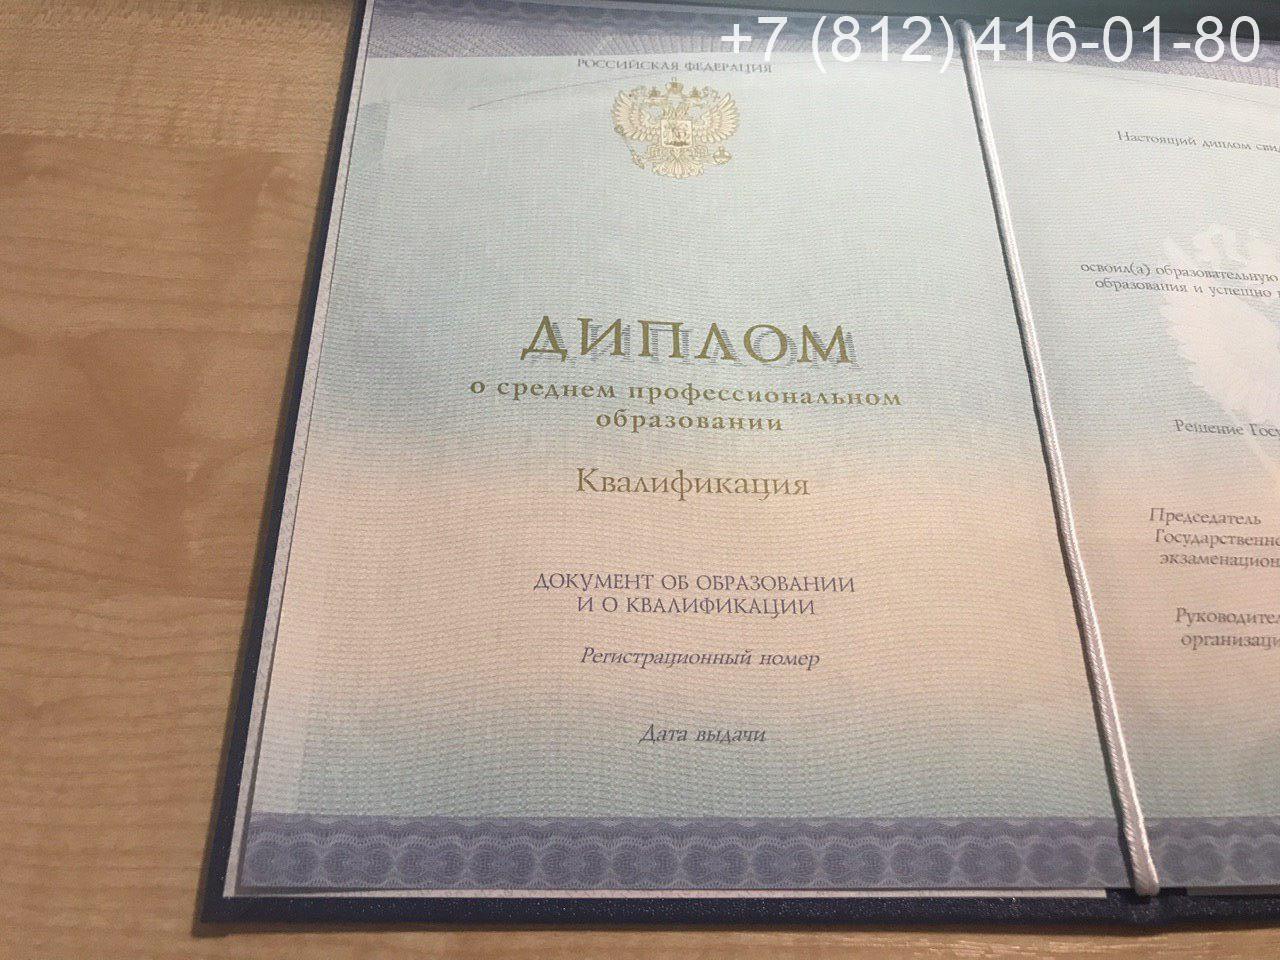 Диплом техникума 2014-2020 годов, нового образца